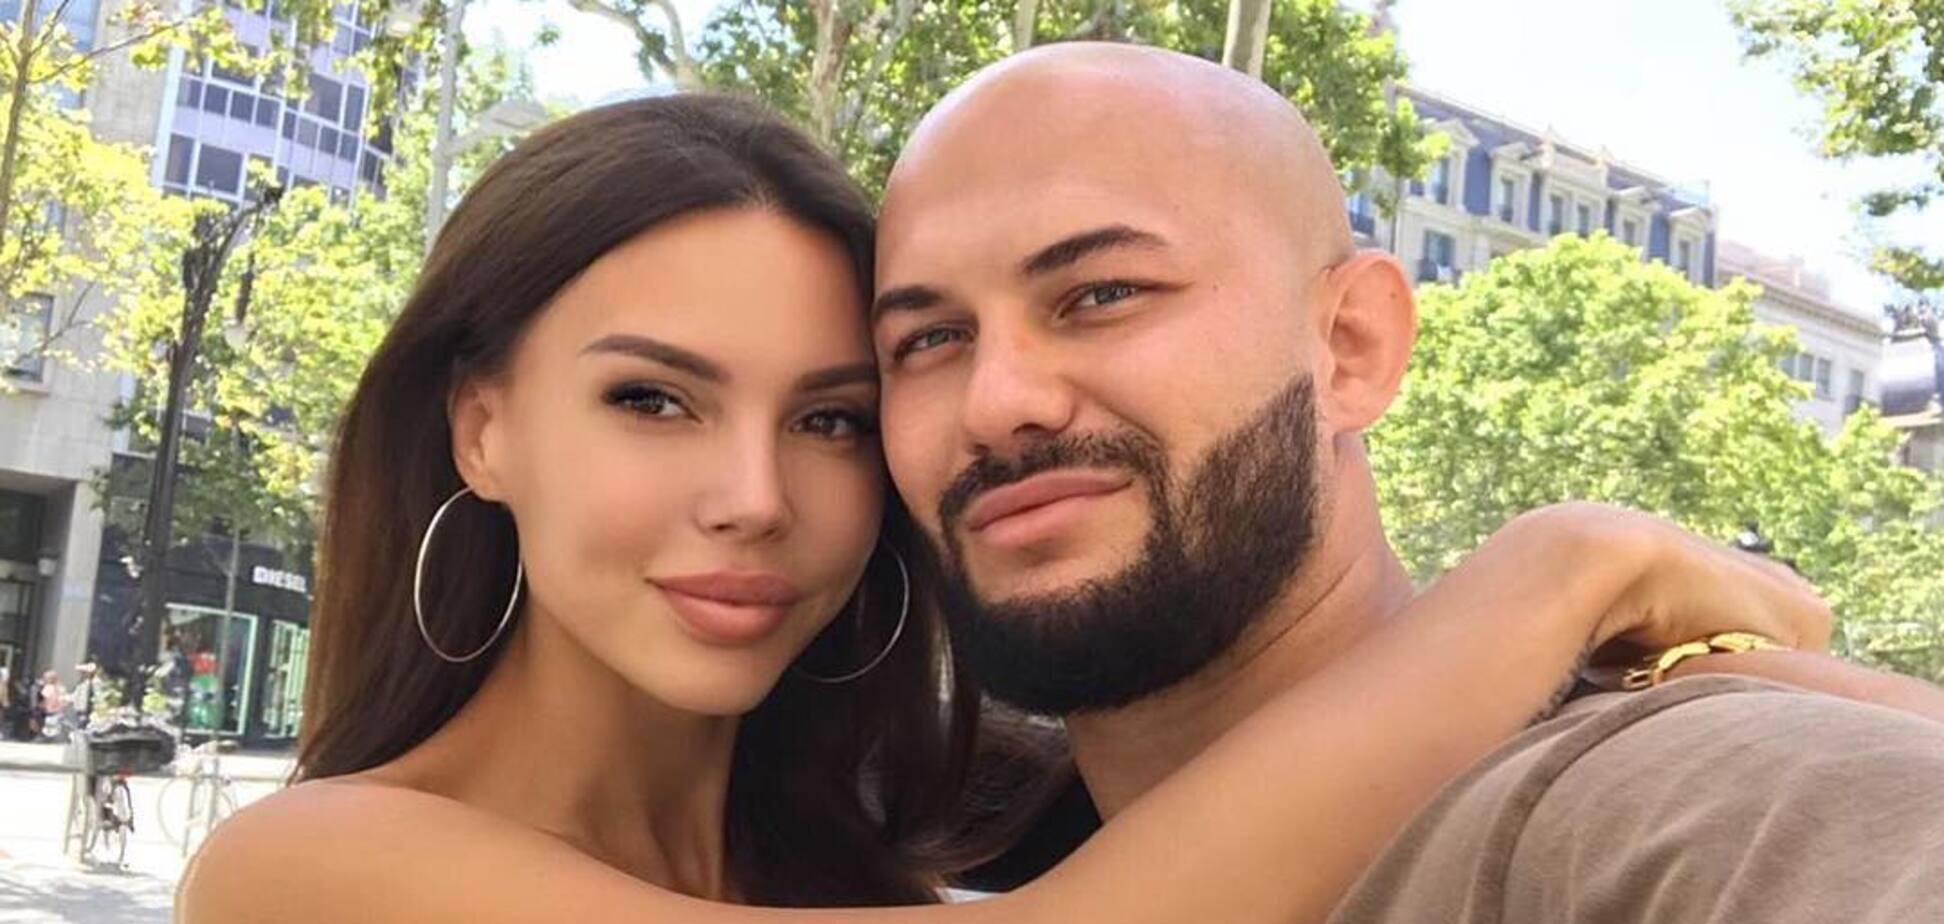 Як поділять гроші Самойлова і Джиган після розлучення: адвокат озвучив подробиці